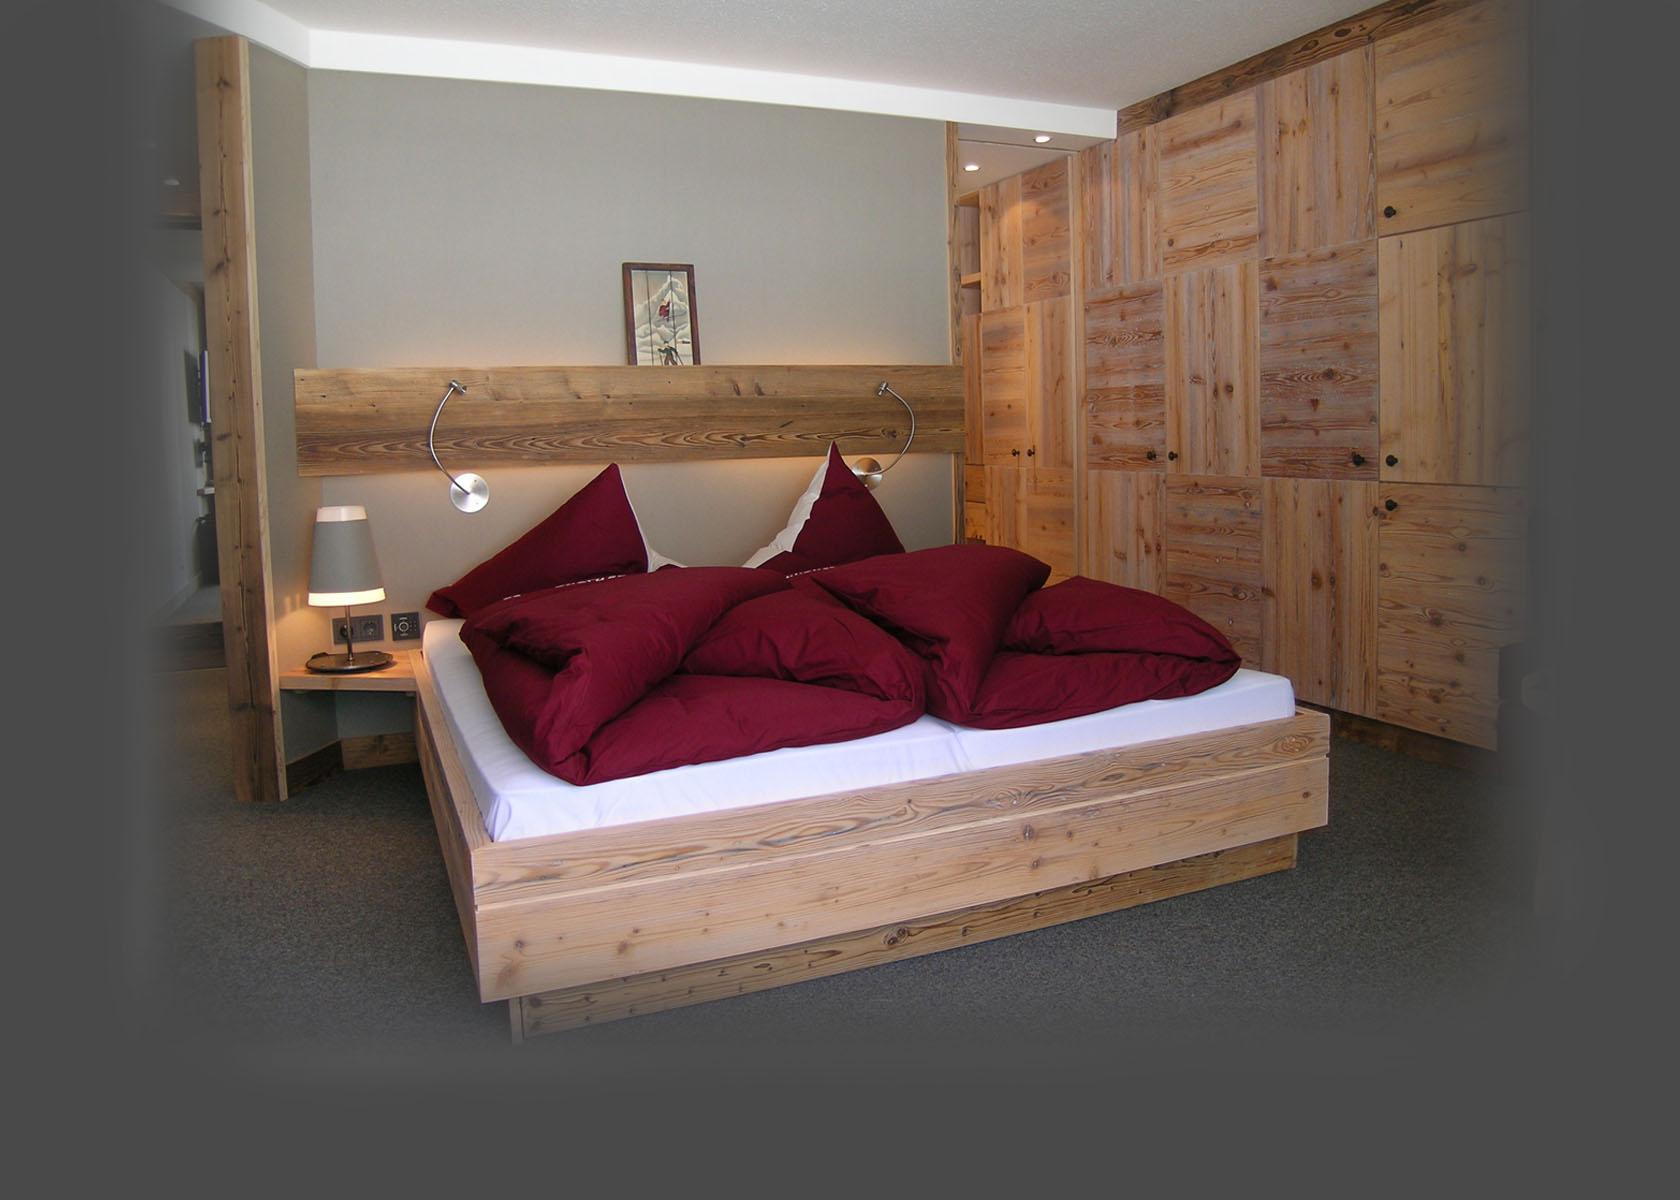 schlafzimmer aus massivholz günstig kaufen | betten.de – progo